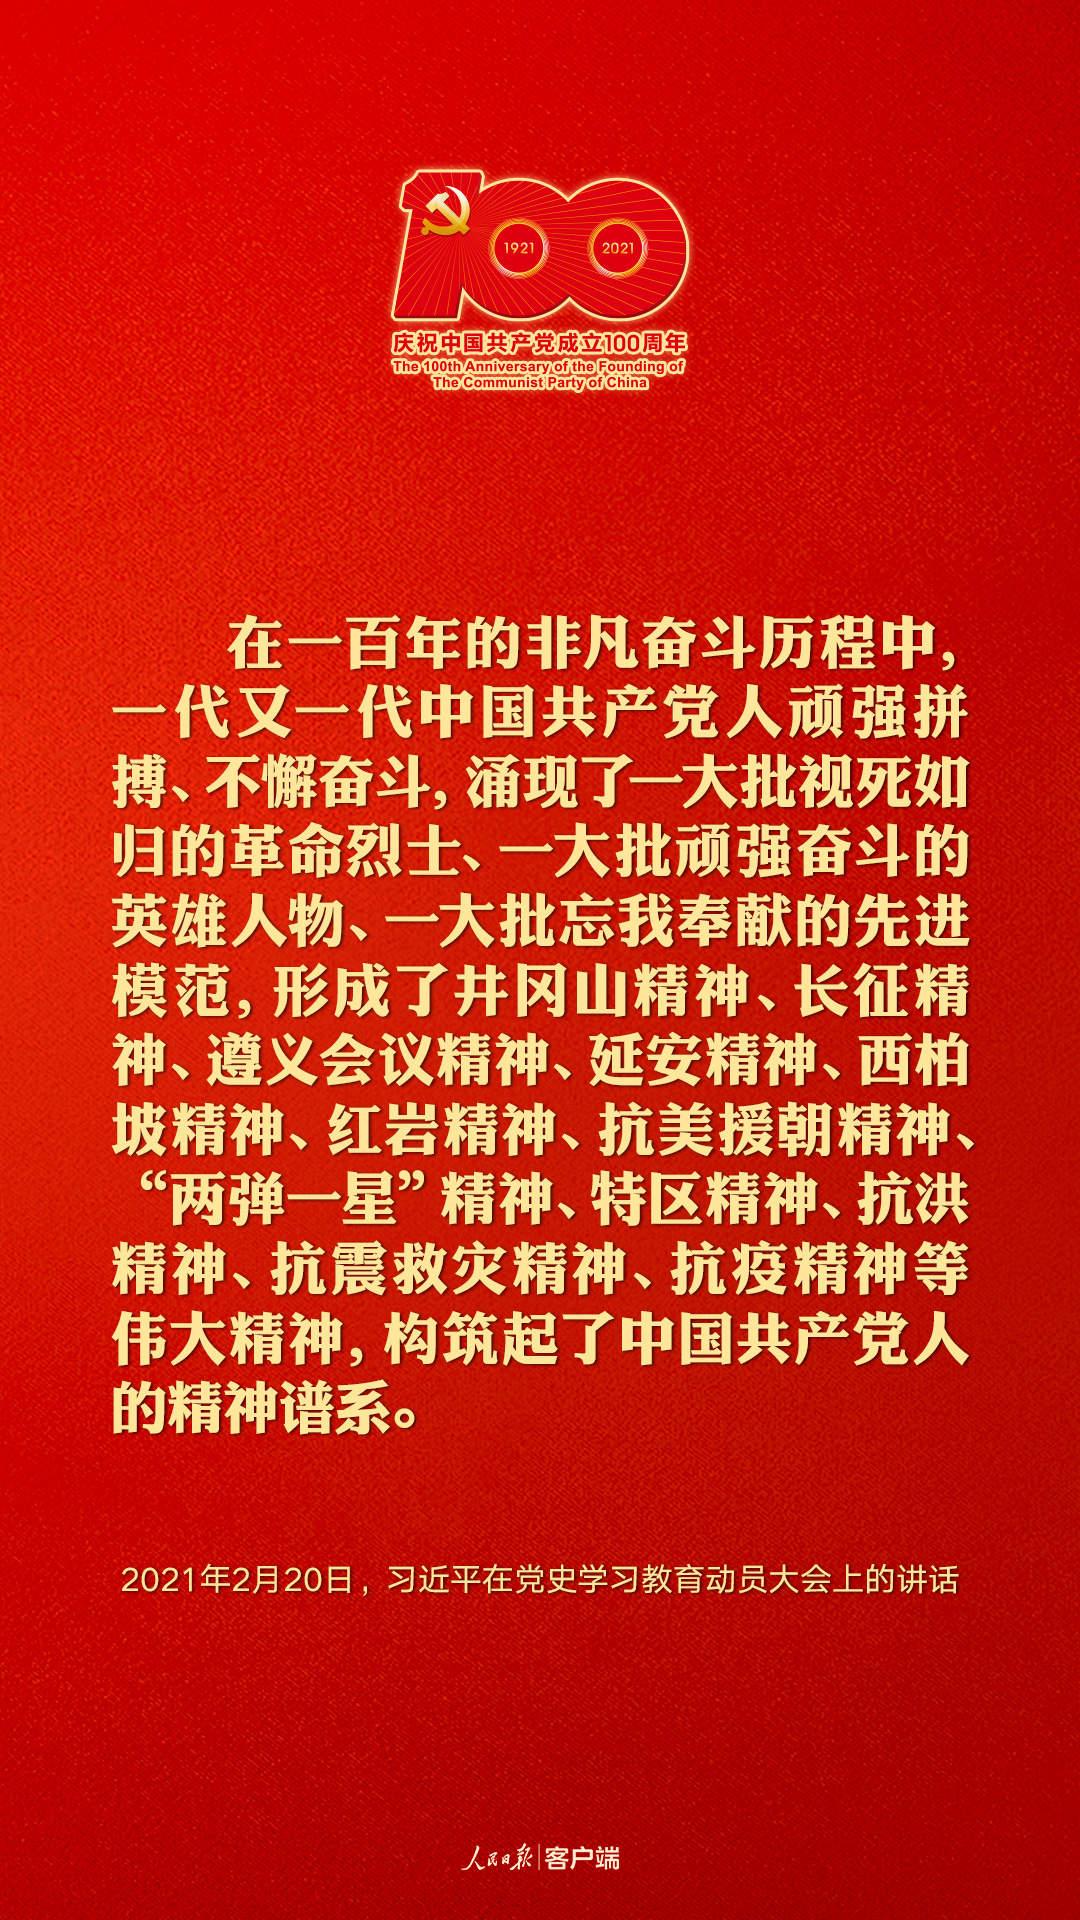 建黨百年,聽習近平講述中國共產黨人的精神譜系